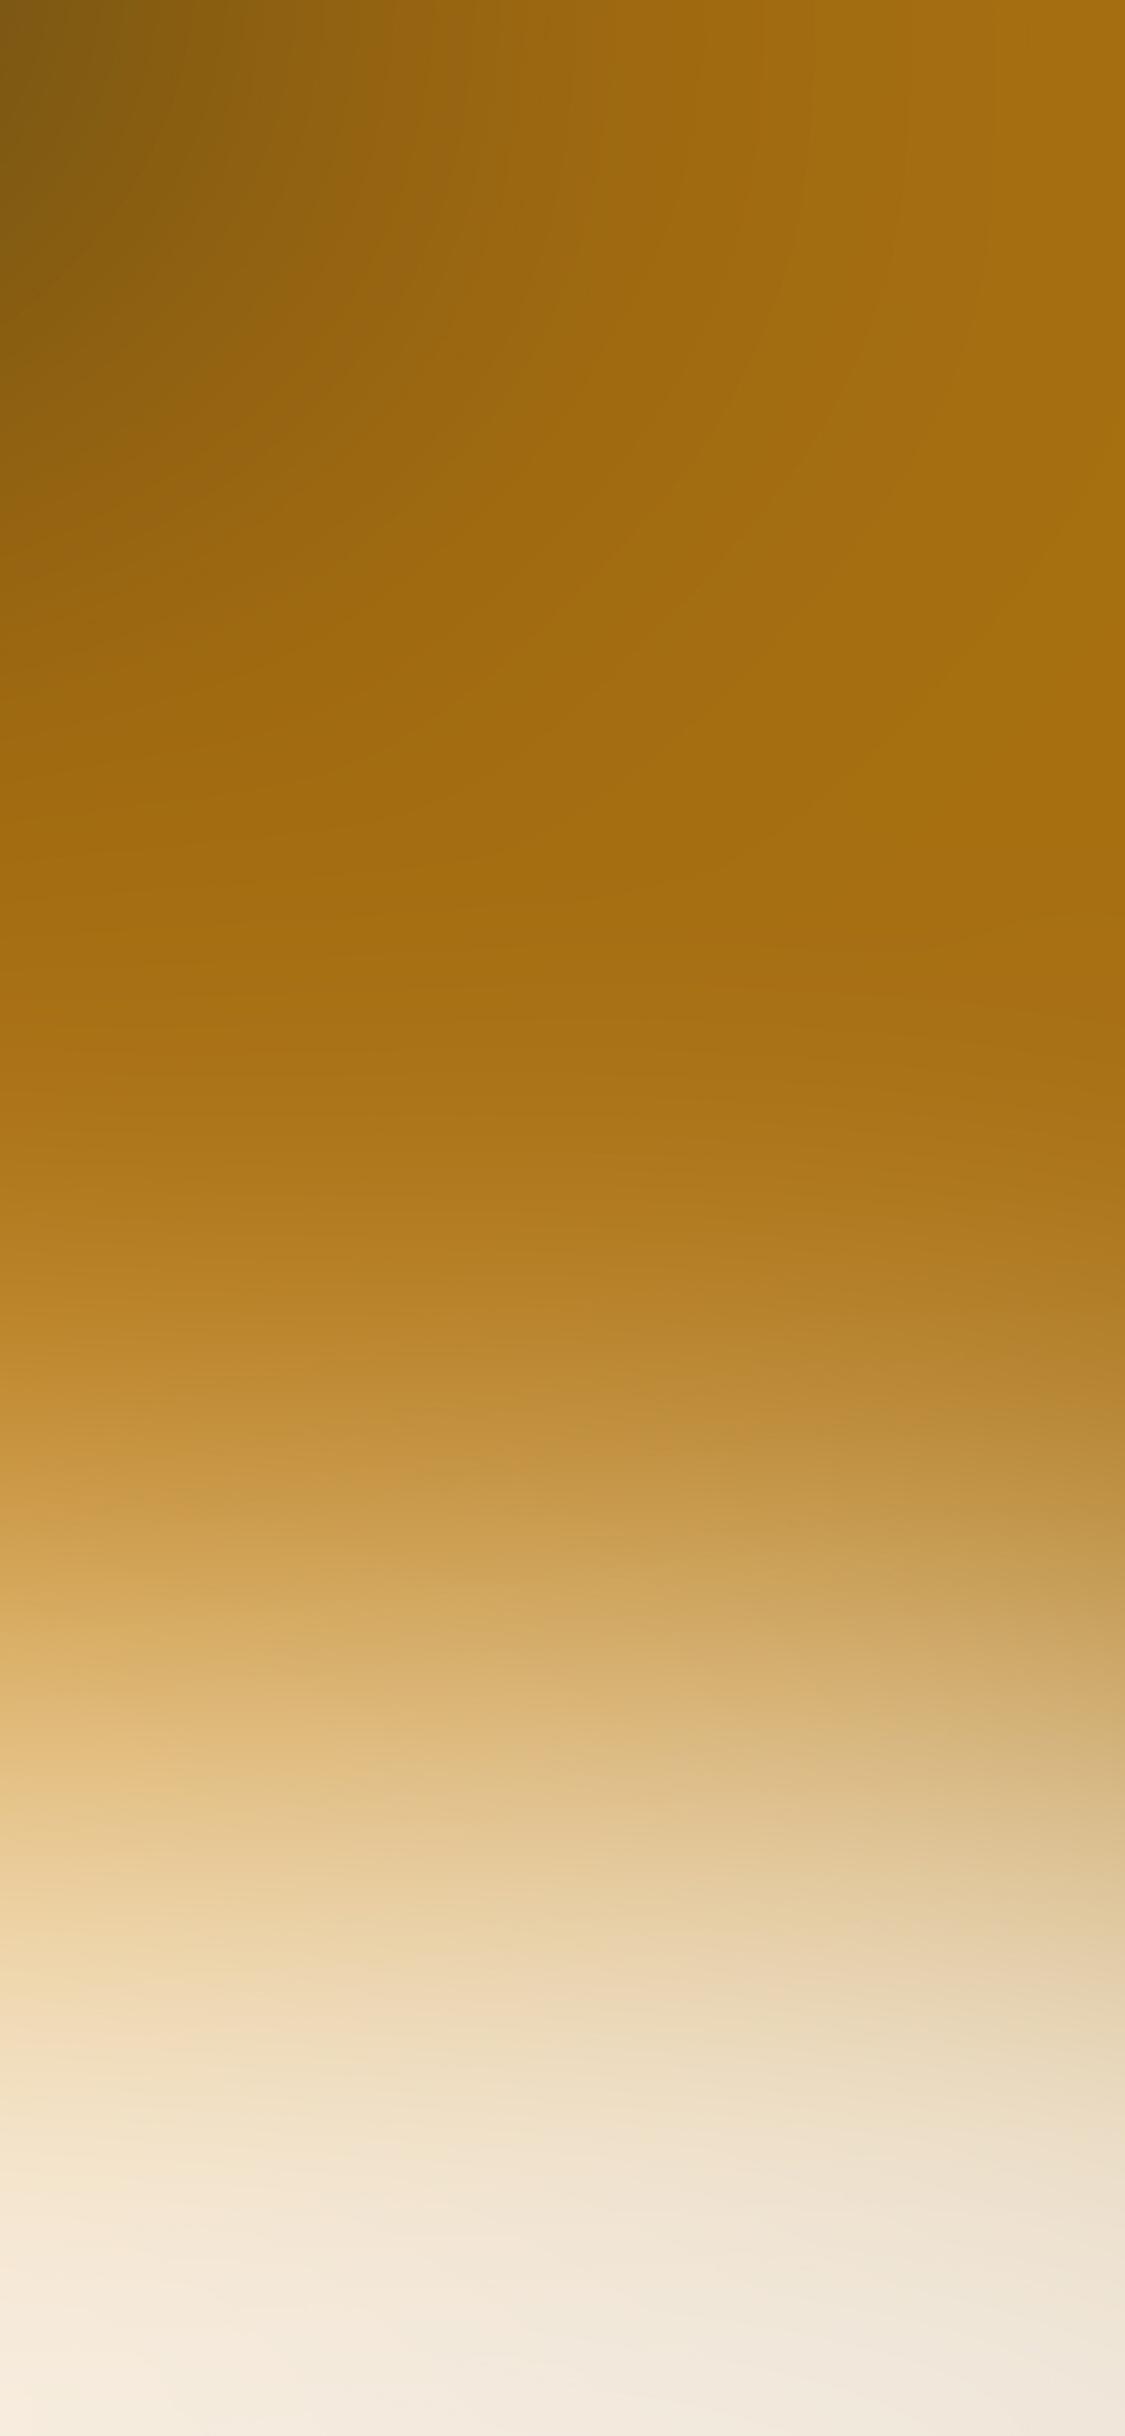 iPhoneXpapers.com-Apple-iPhone-wallpaper-sa73-wallpaper-golden-sky-blur